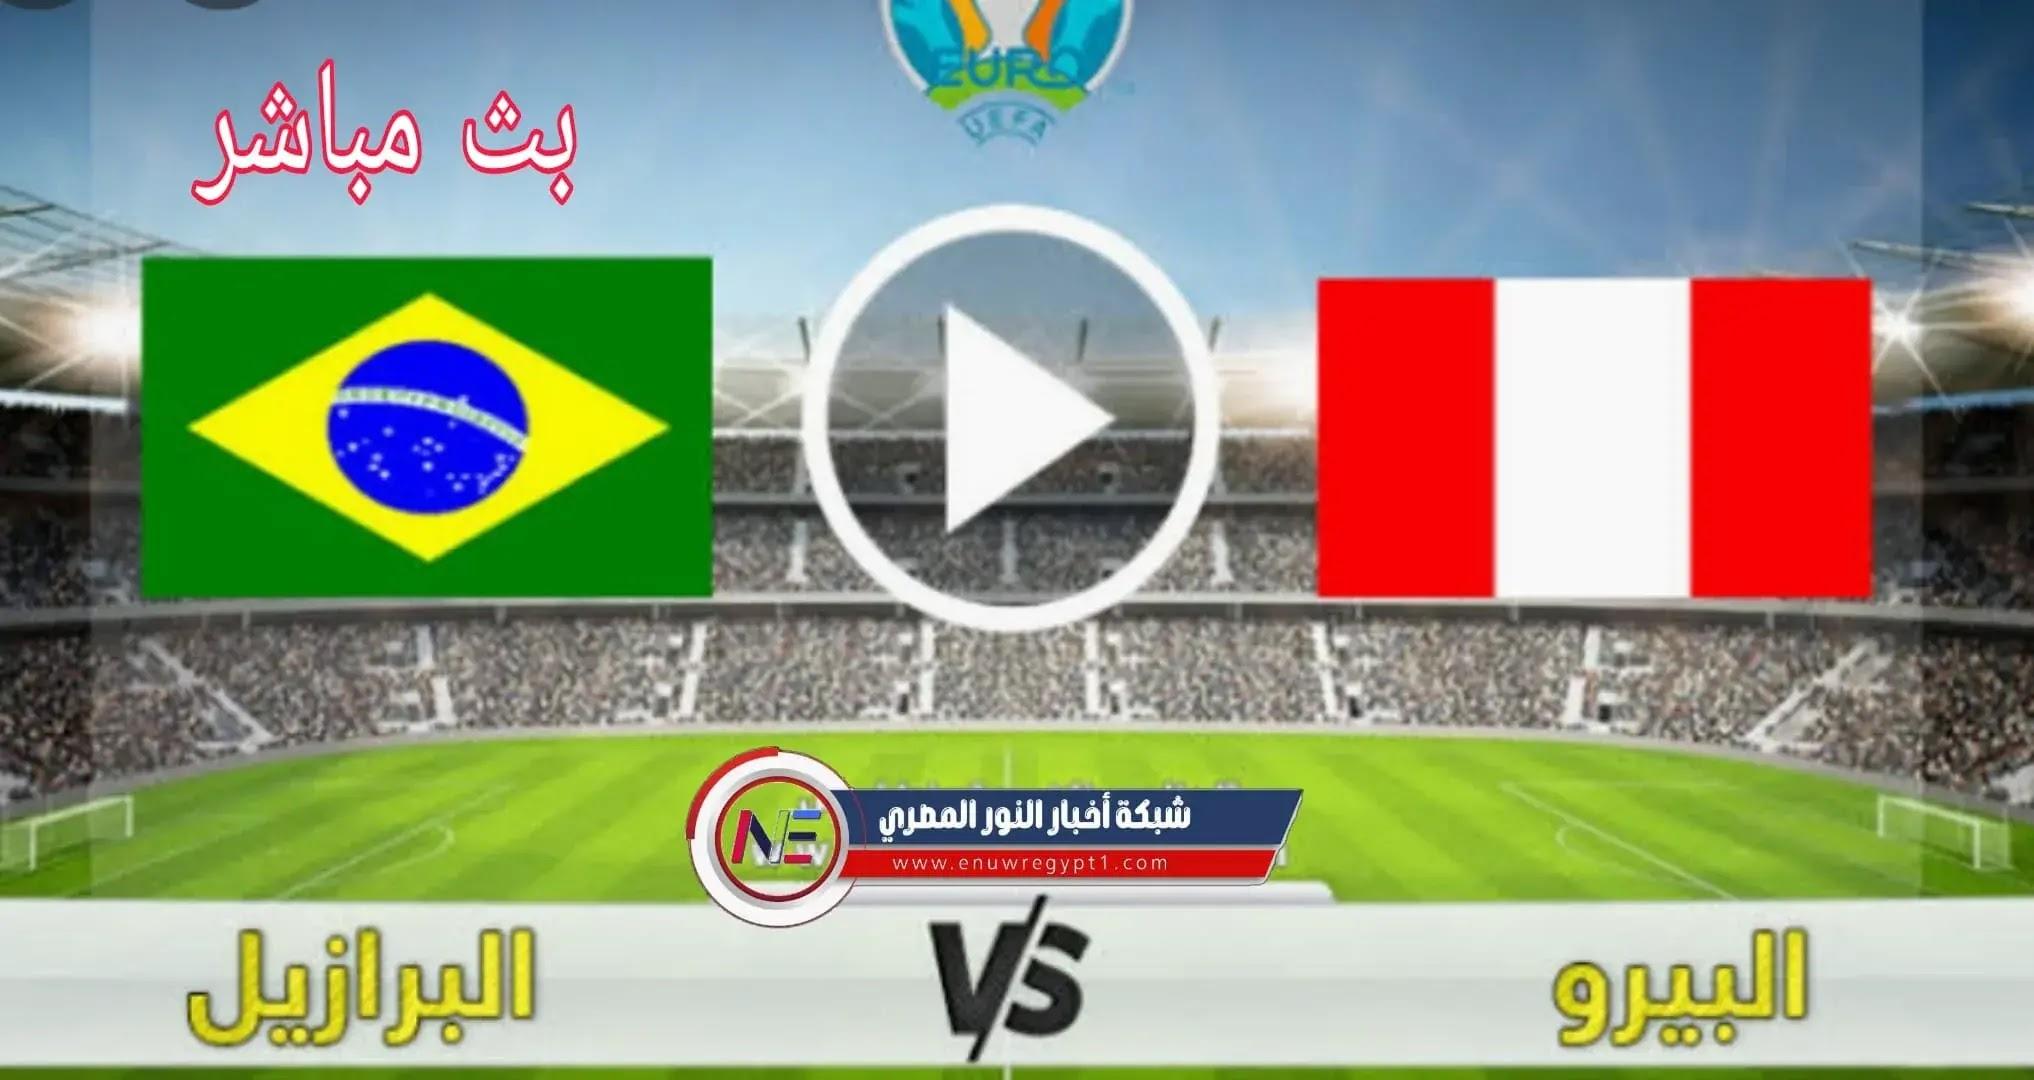 يلا شوت يوتيوب.. بث مباشر مشاهدة مباراة البرازيل و البيرو اليوم الثلاثاء 06-07-2021 لايف الان في بطولة كوبا أمريكا 2021 بجودة عالية بدون تقطيع